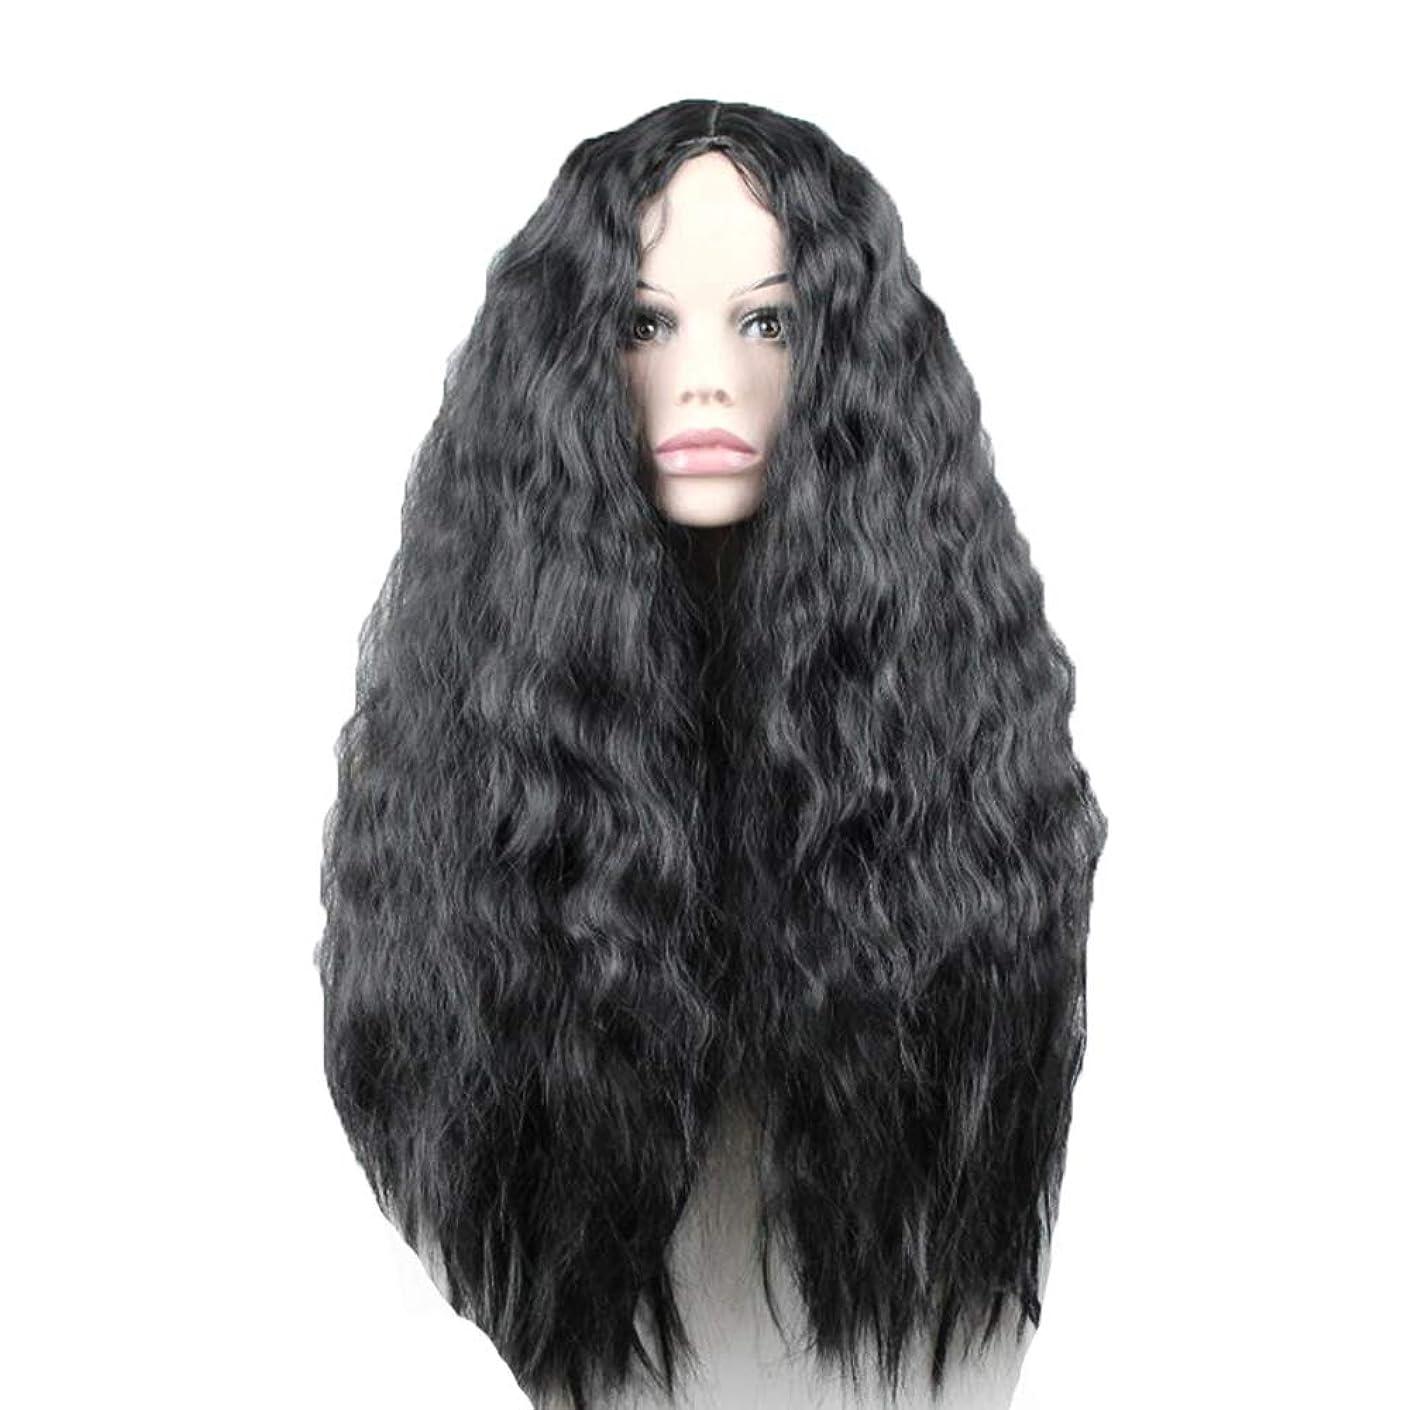 法律対立滑るかつら - ファッションロングロール高温シルクウィッグパーティーロールハロウィーン60cm黒を演奏 (色 : 黒, サイズ さいず : 60 cm 60 cm)